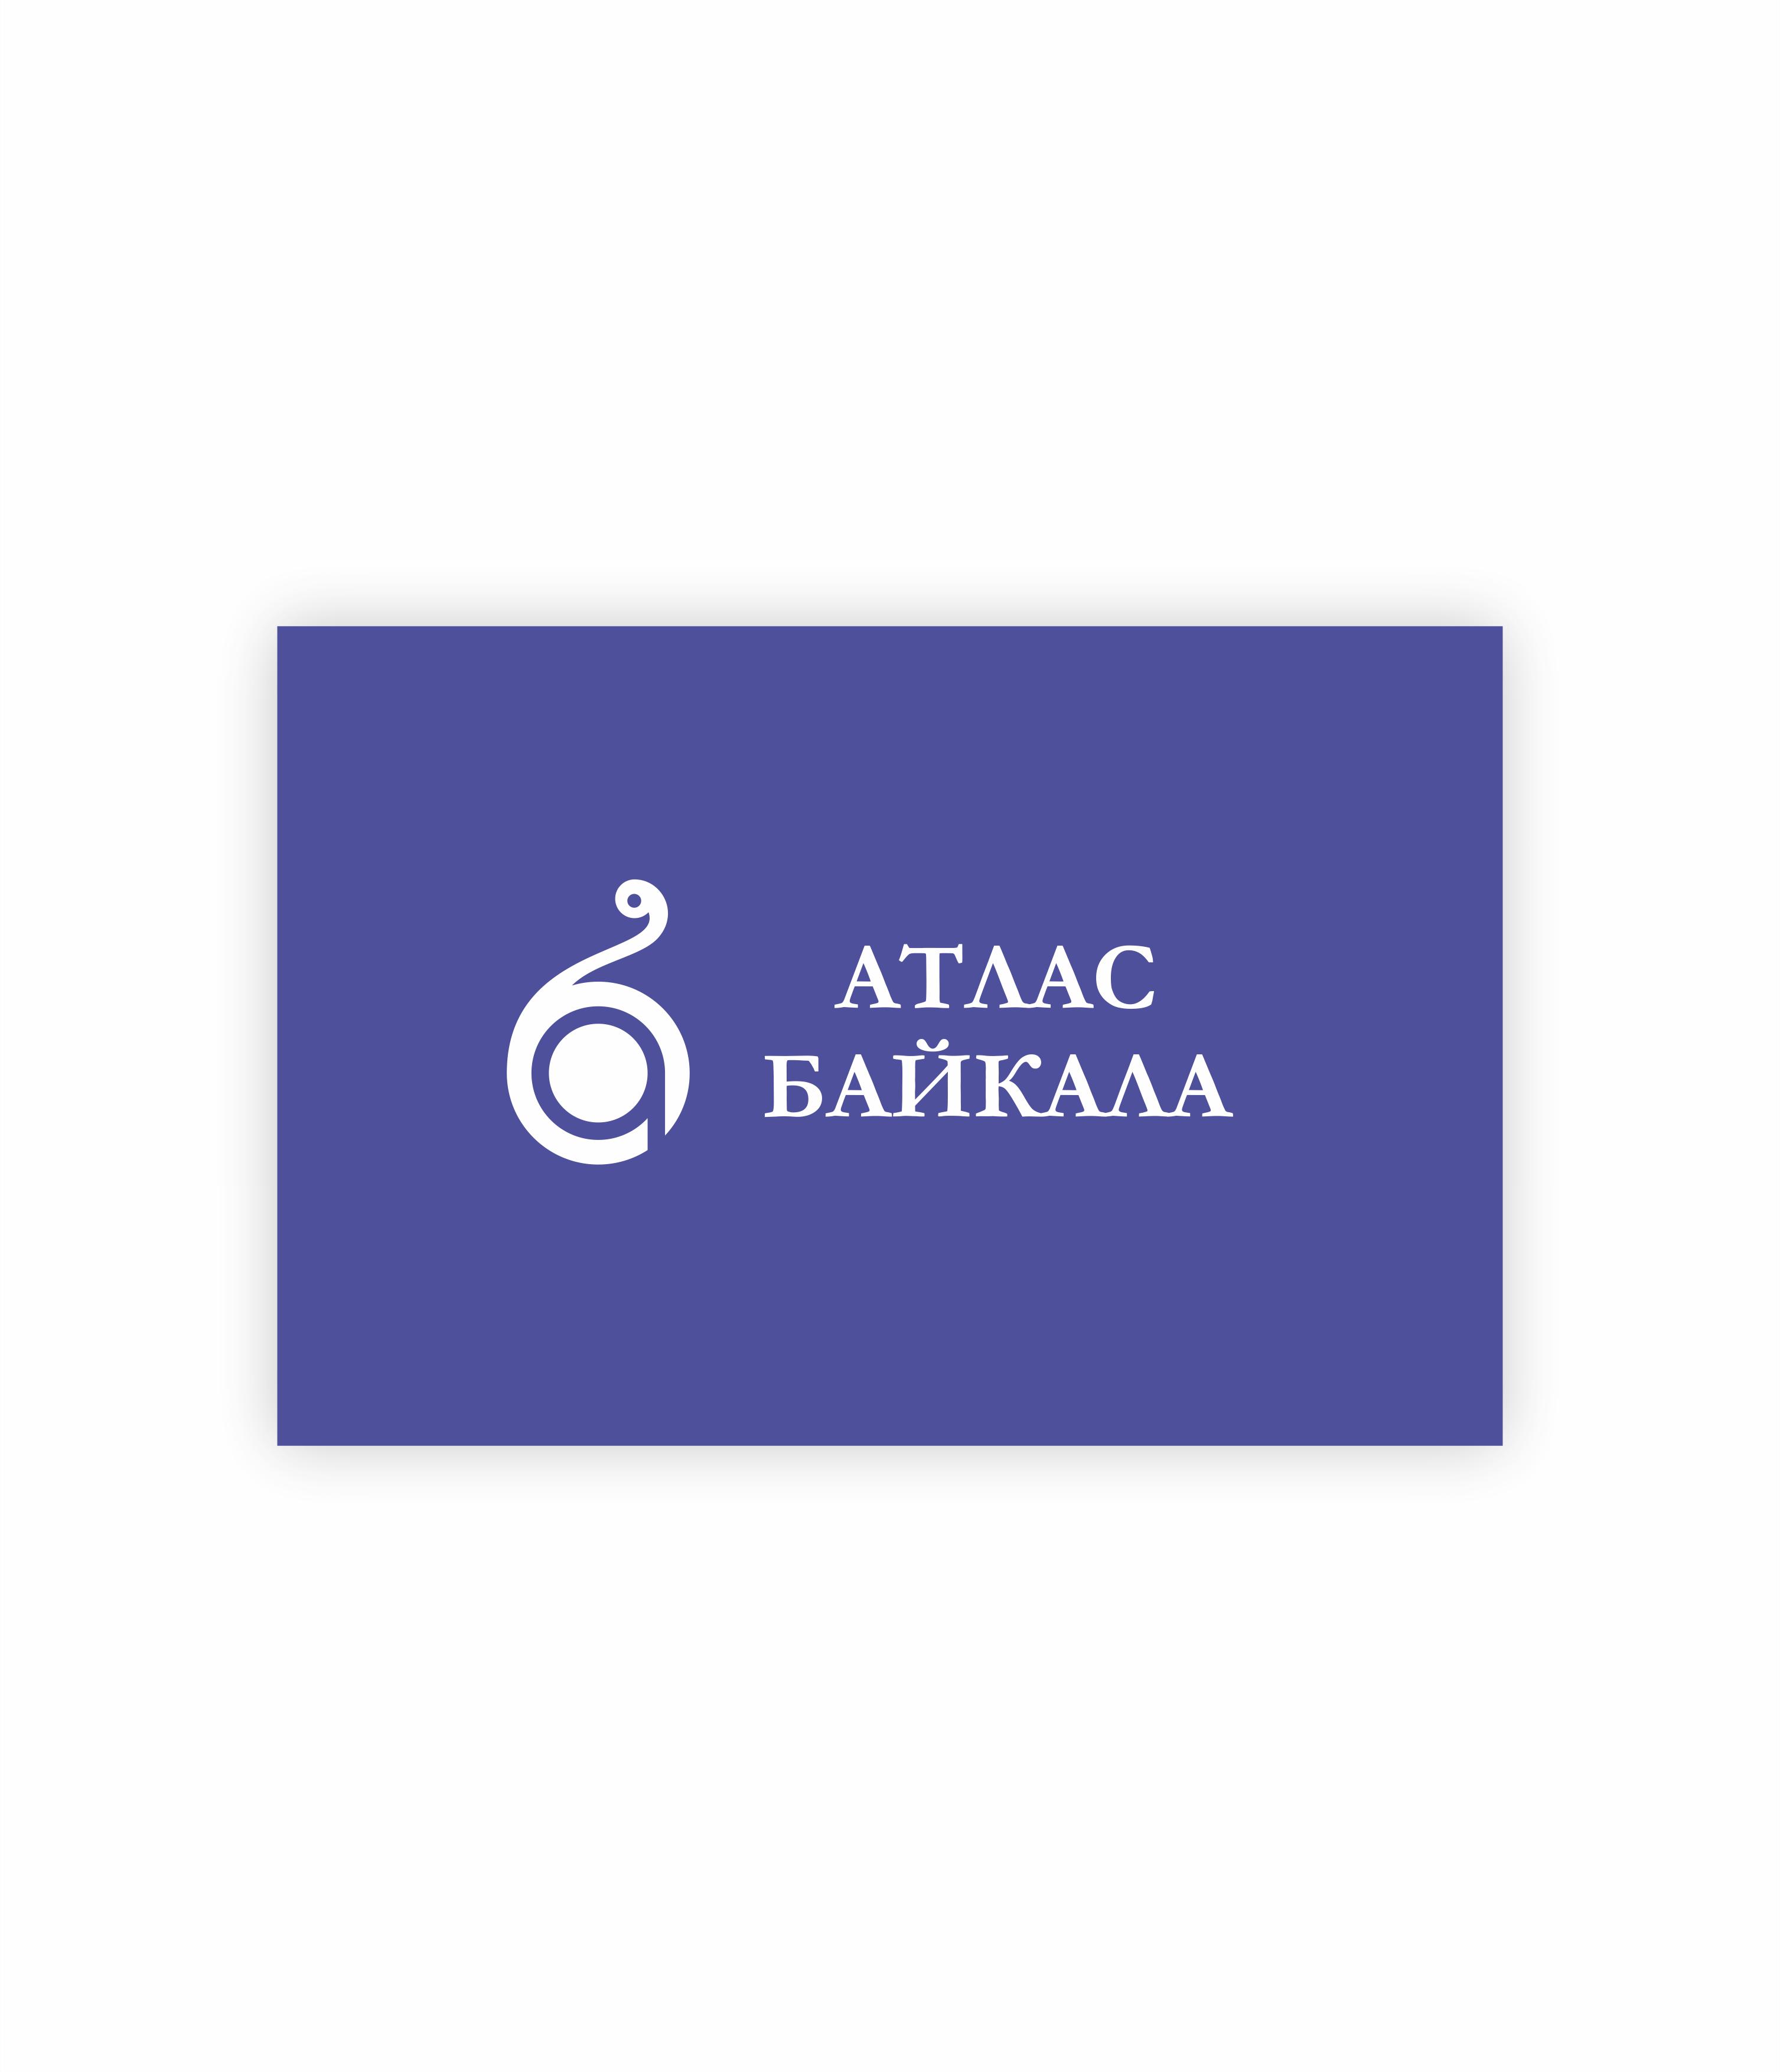 Разработка логотипа Атлас Байкала фото f_6945b0122af8b9e9.png